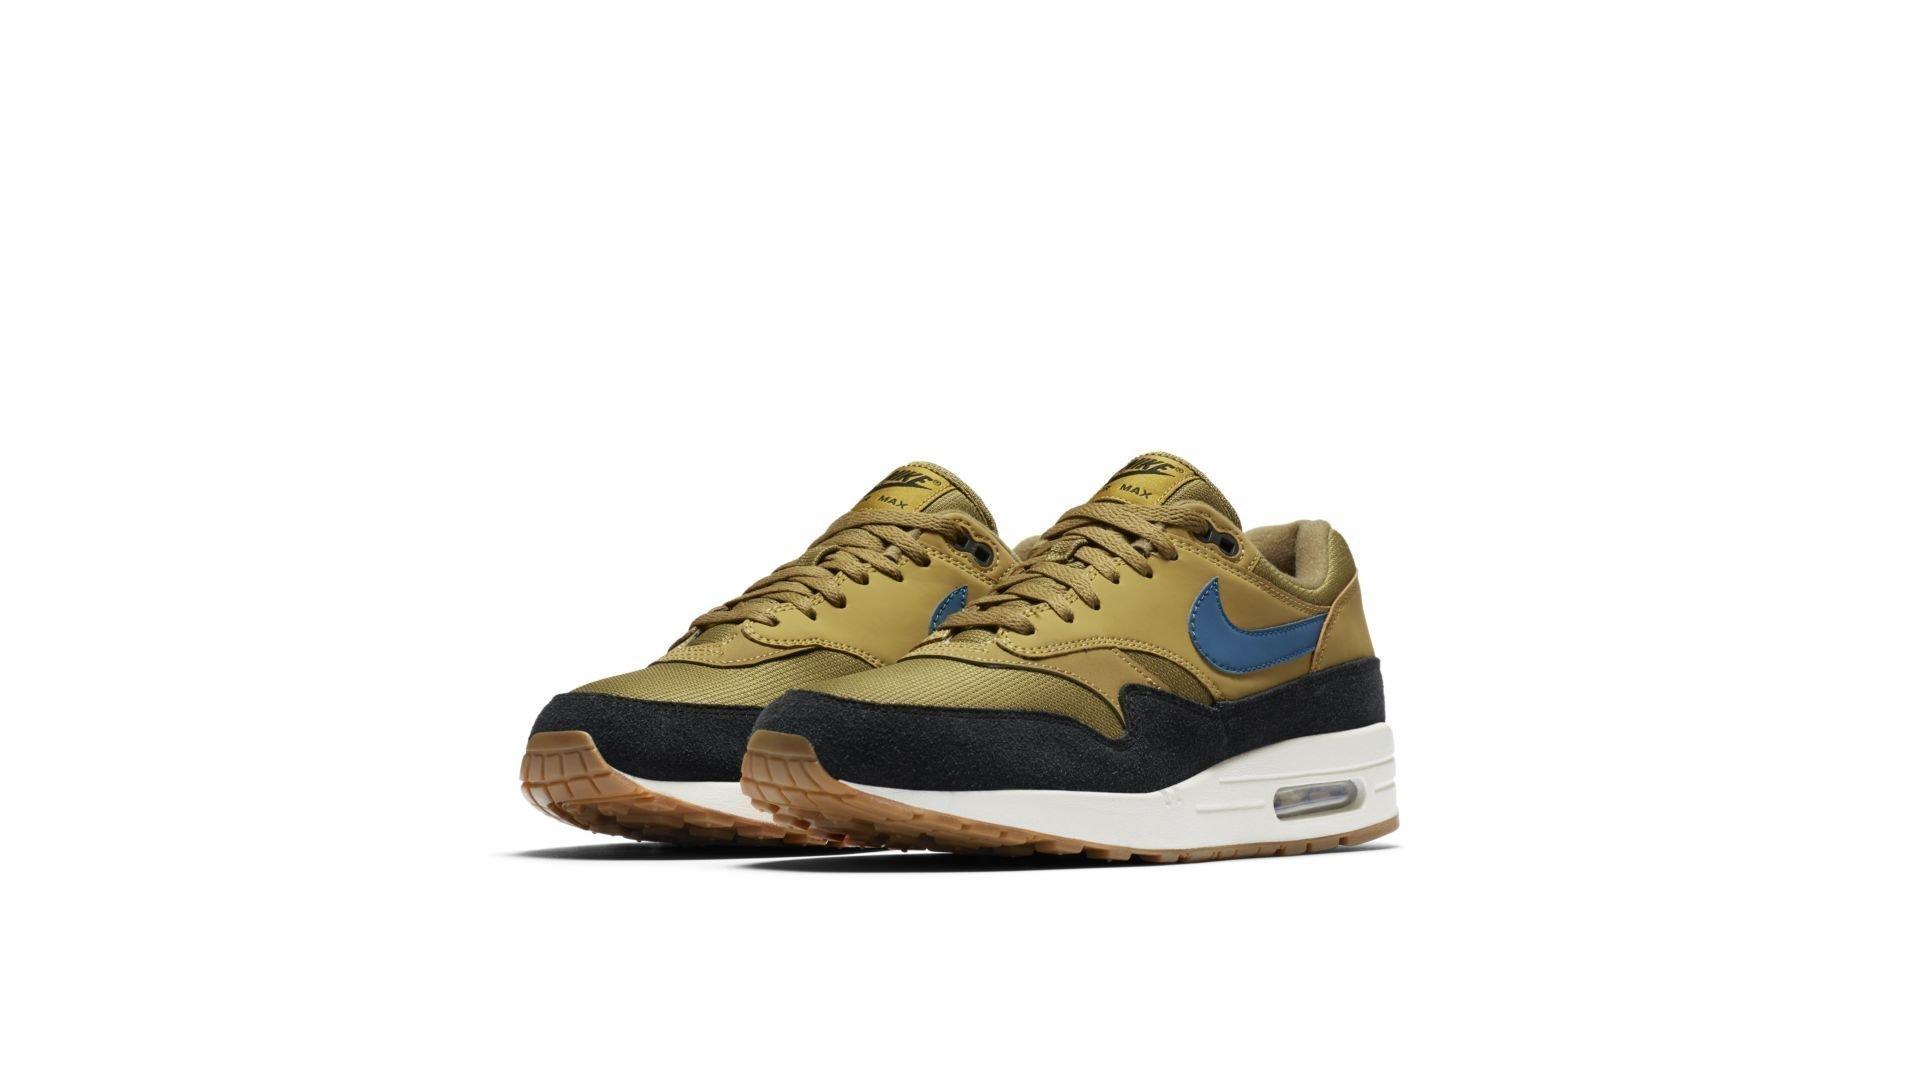 Nike Air Max 1 'Golden Moss' | AH8145 302